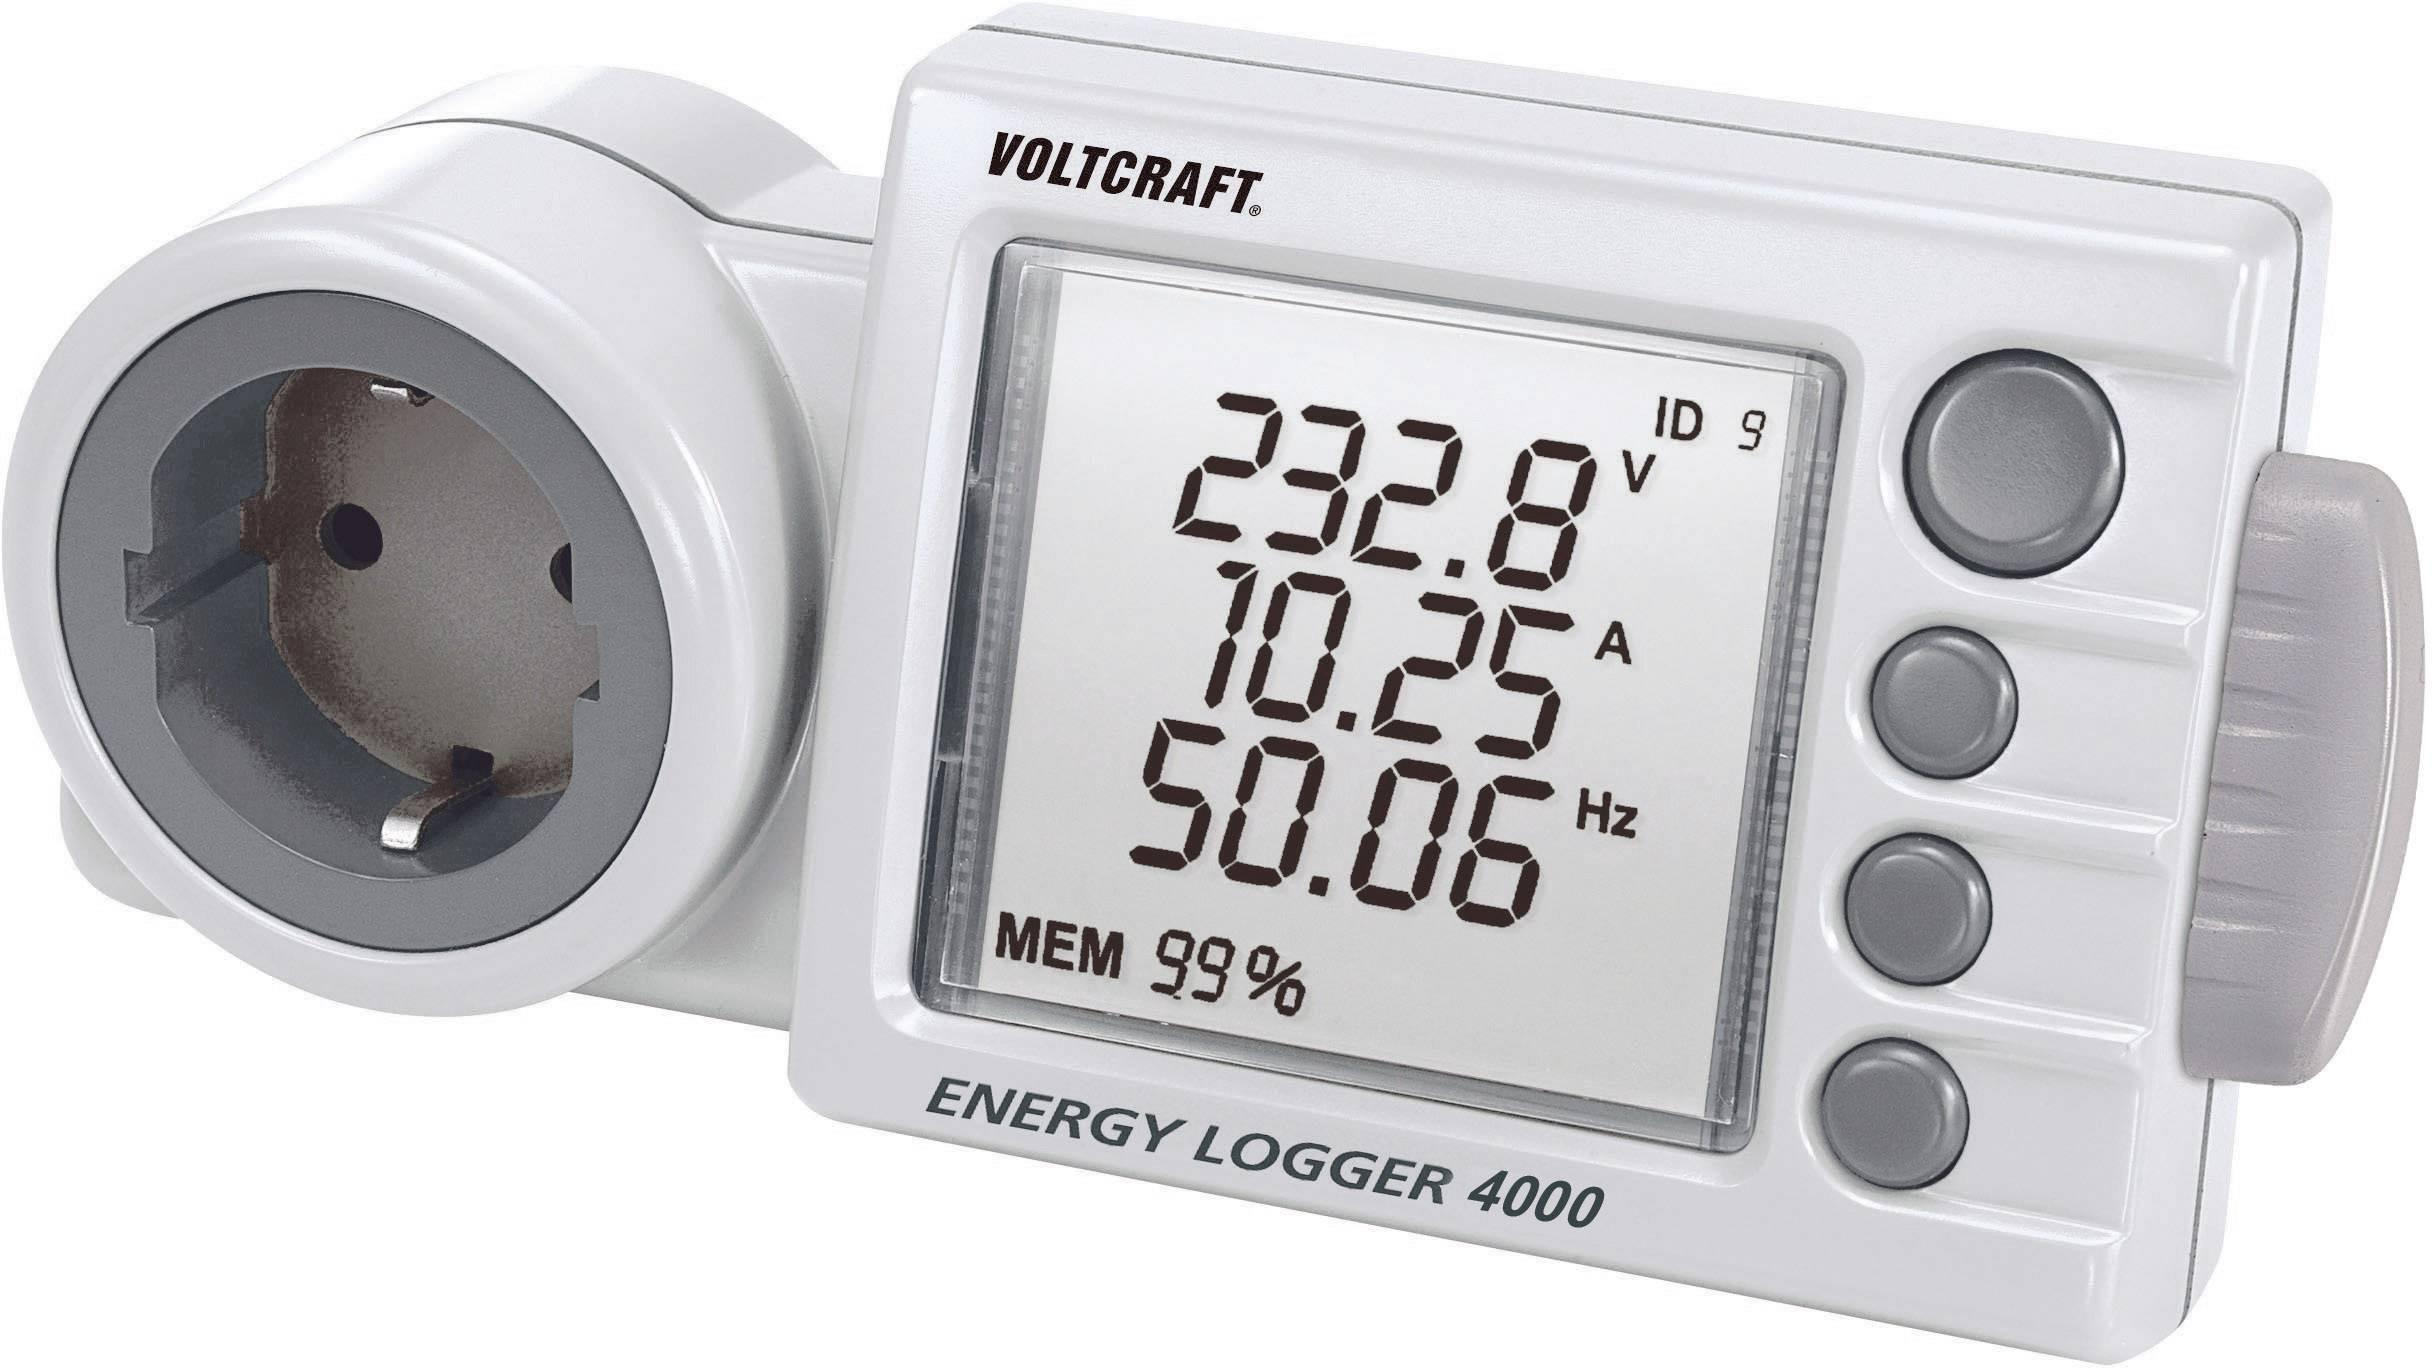 Měřič spotřeby Voltcraft Energy Logger 4000